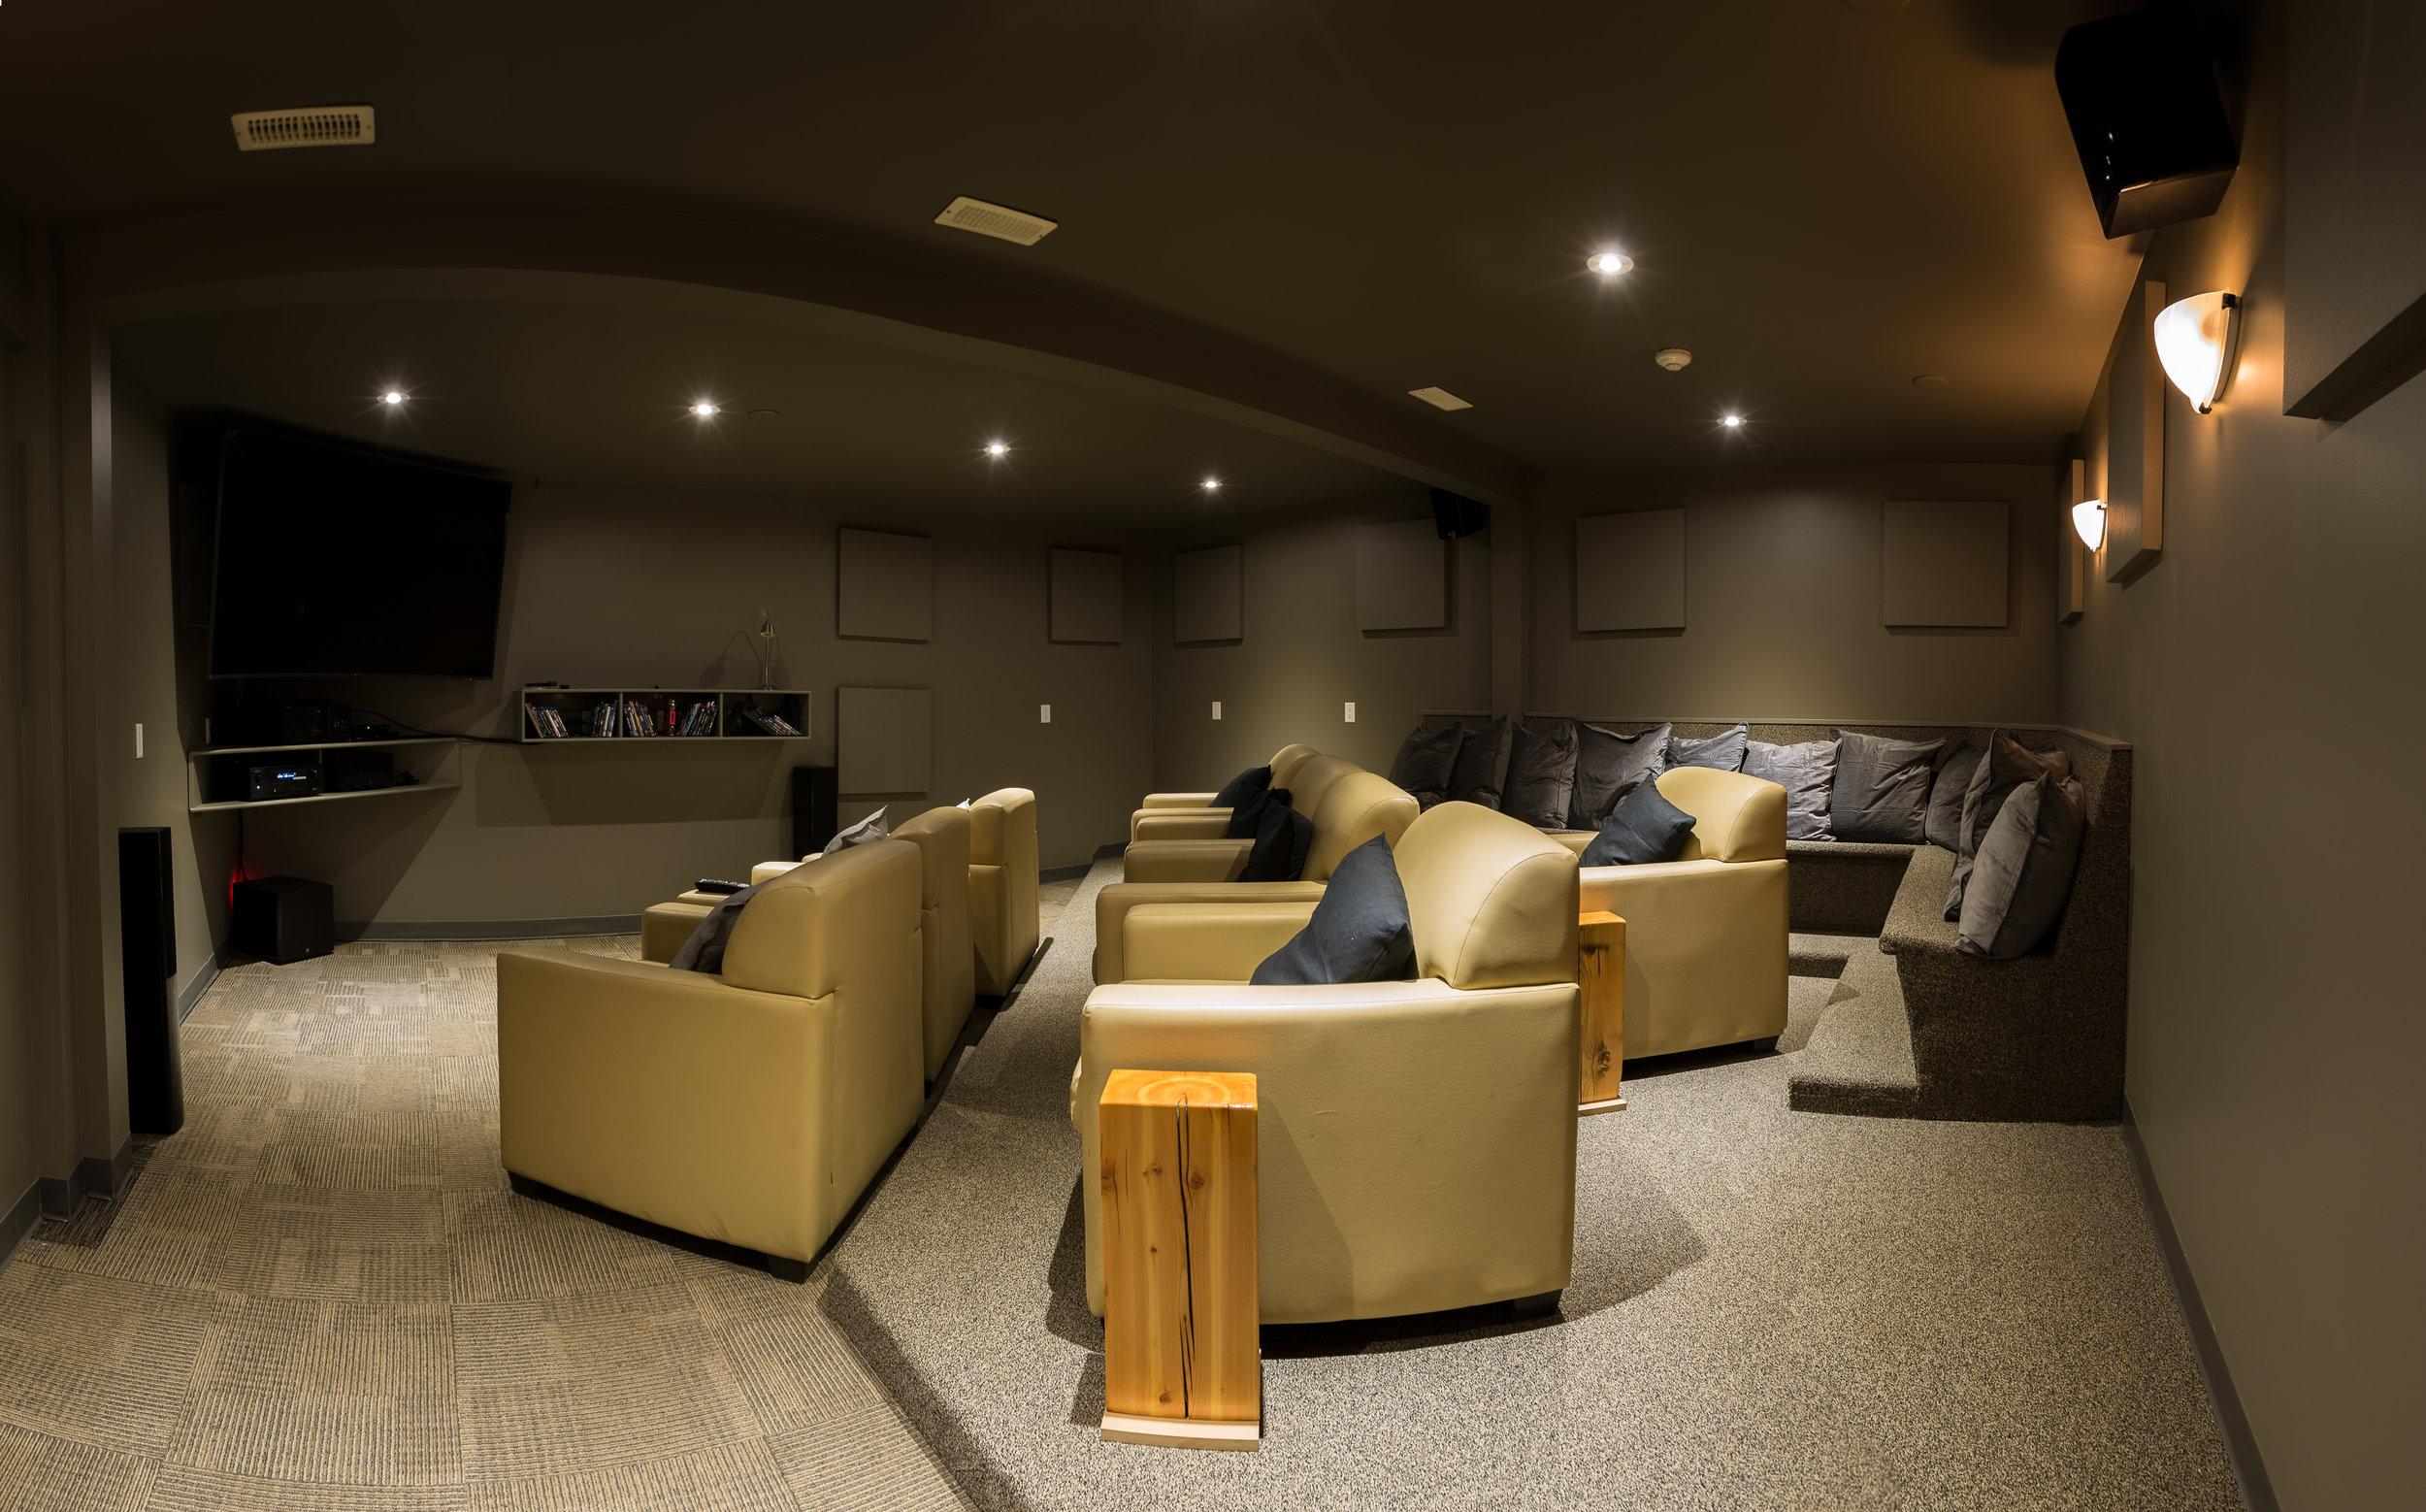 upgrades-cinema room.jpg